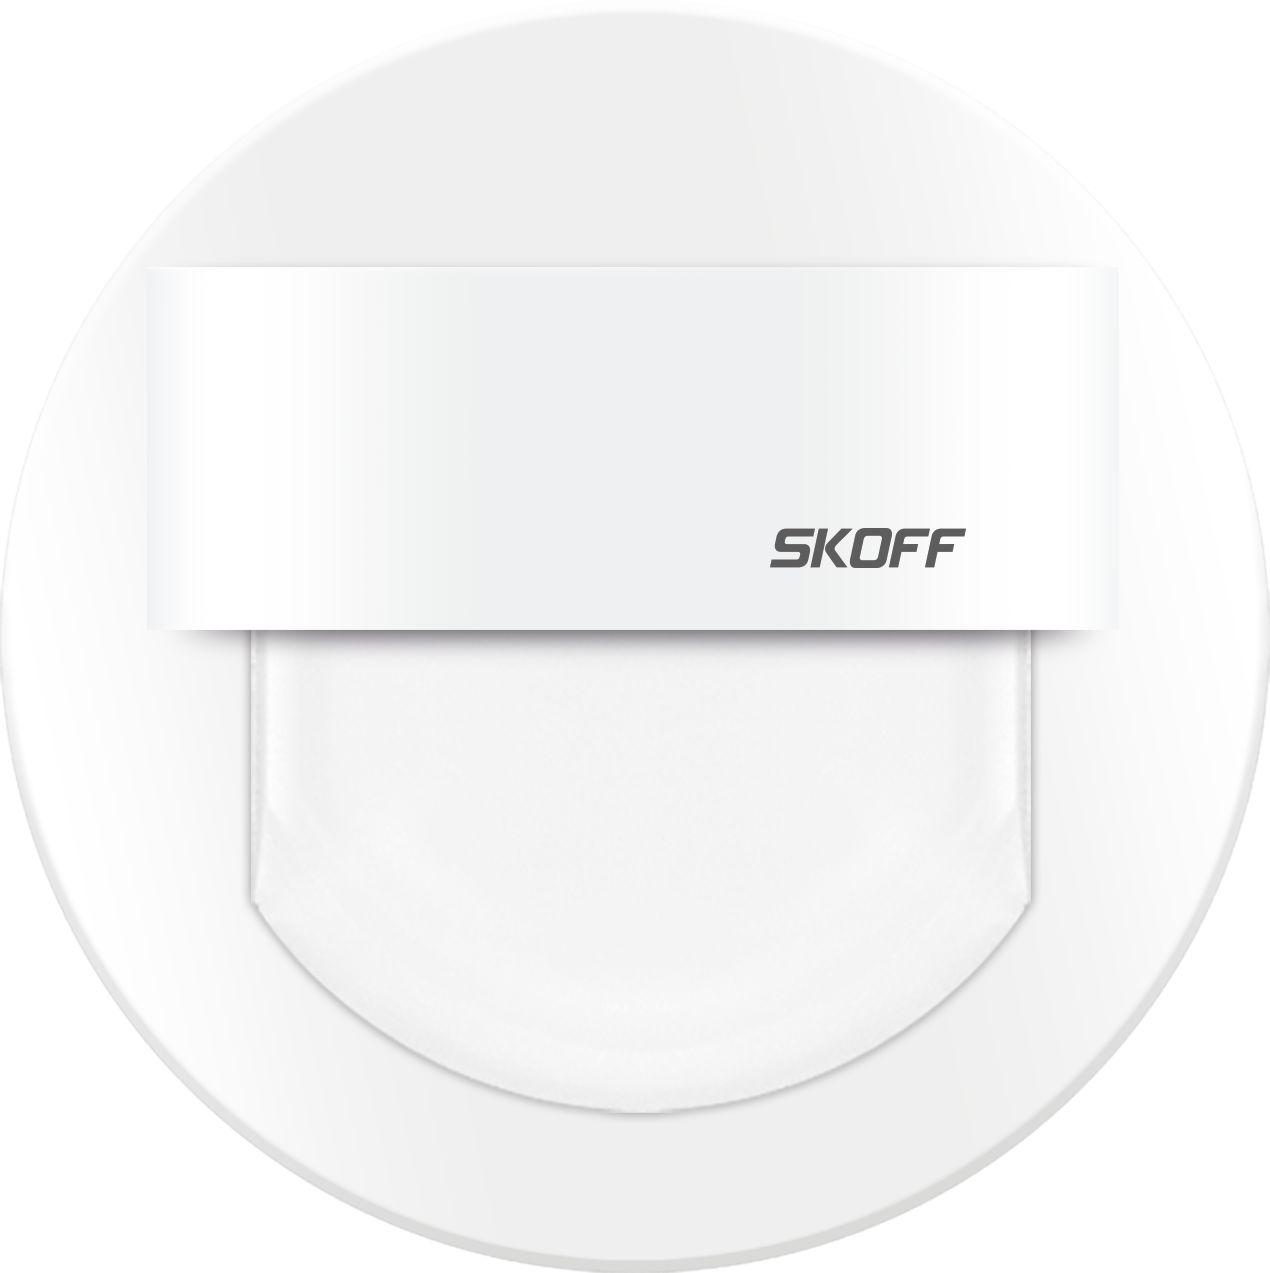 Oprawa schodowa Rueda Skoff okrągła oprawa w kolorze białym